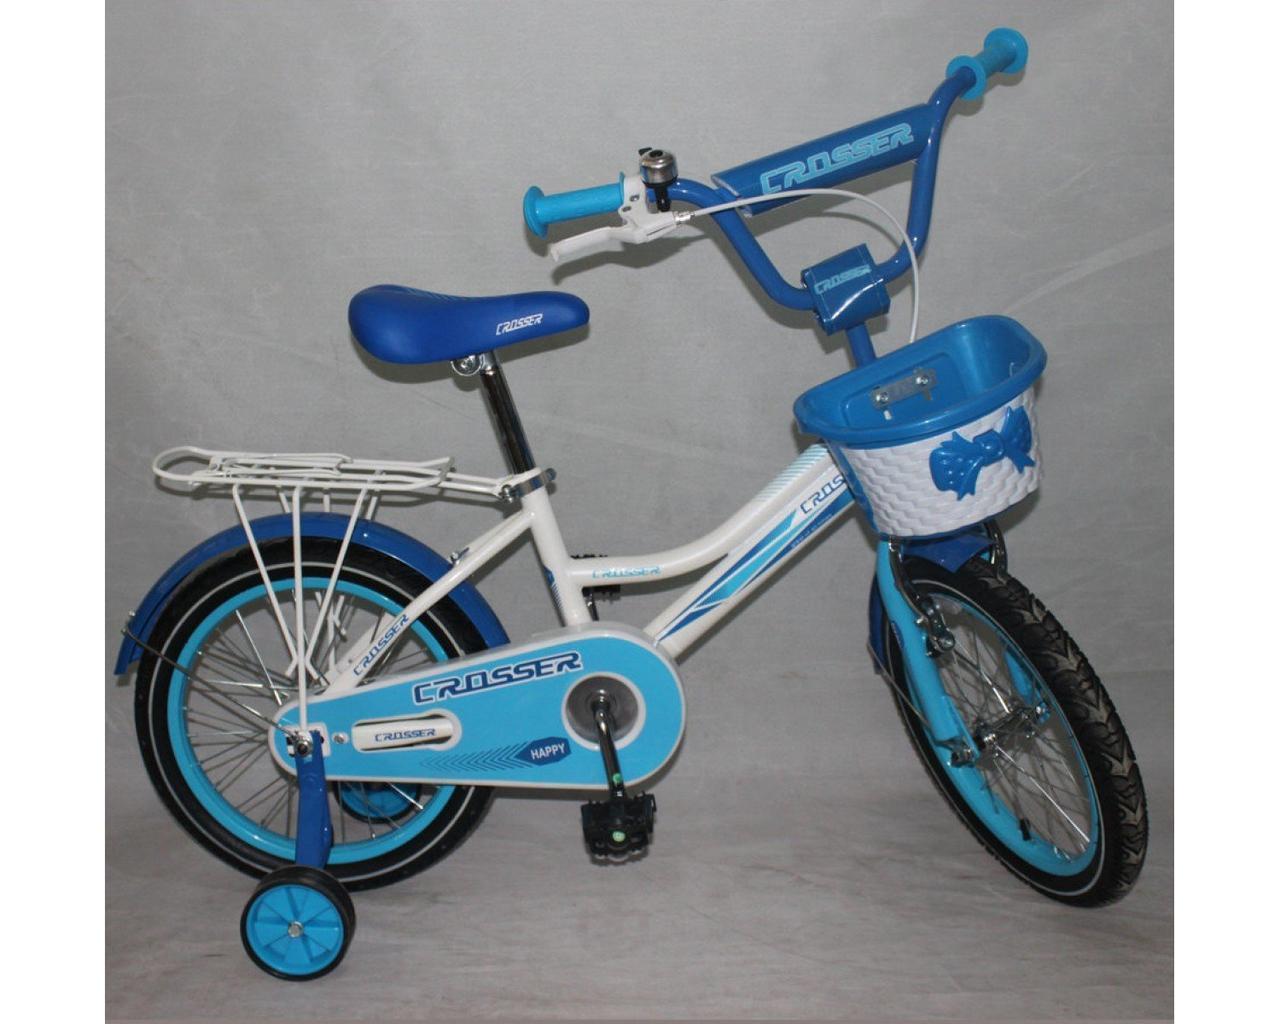 Детский двухколесный велосипед HAPPY CROSSER 4 зеленый 16 дюймов